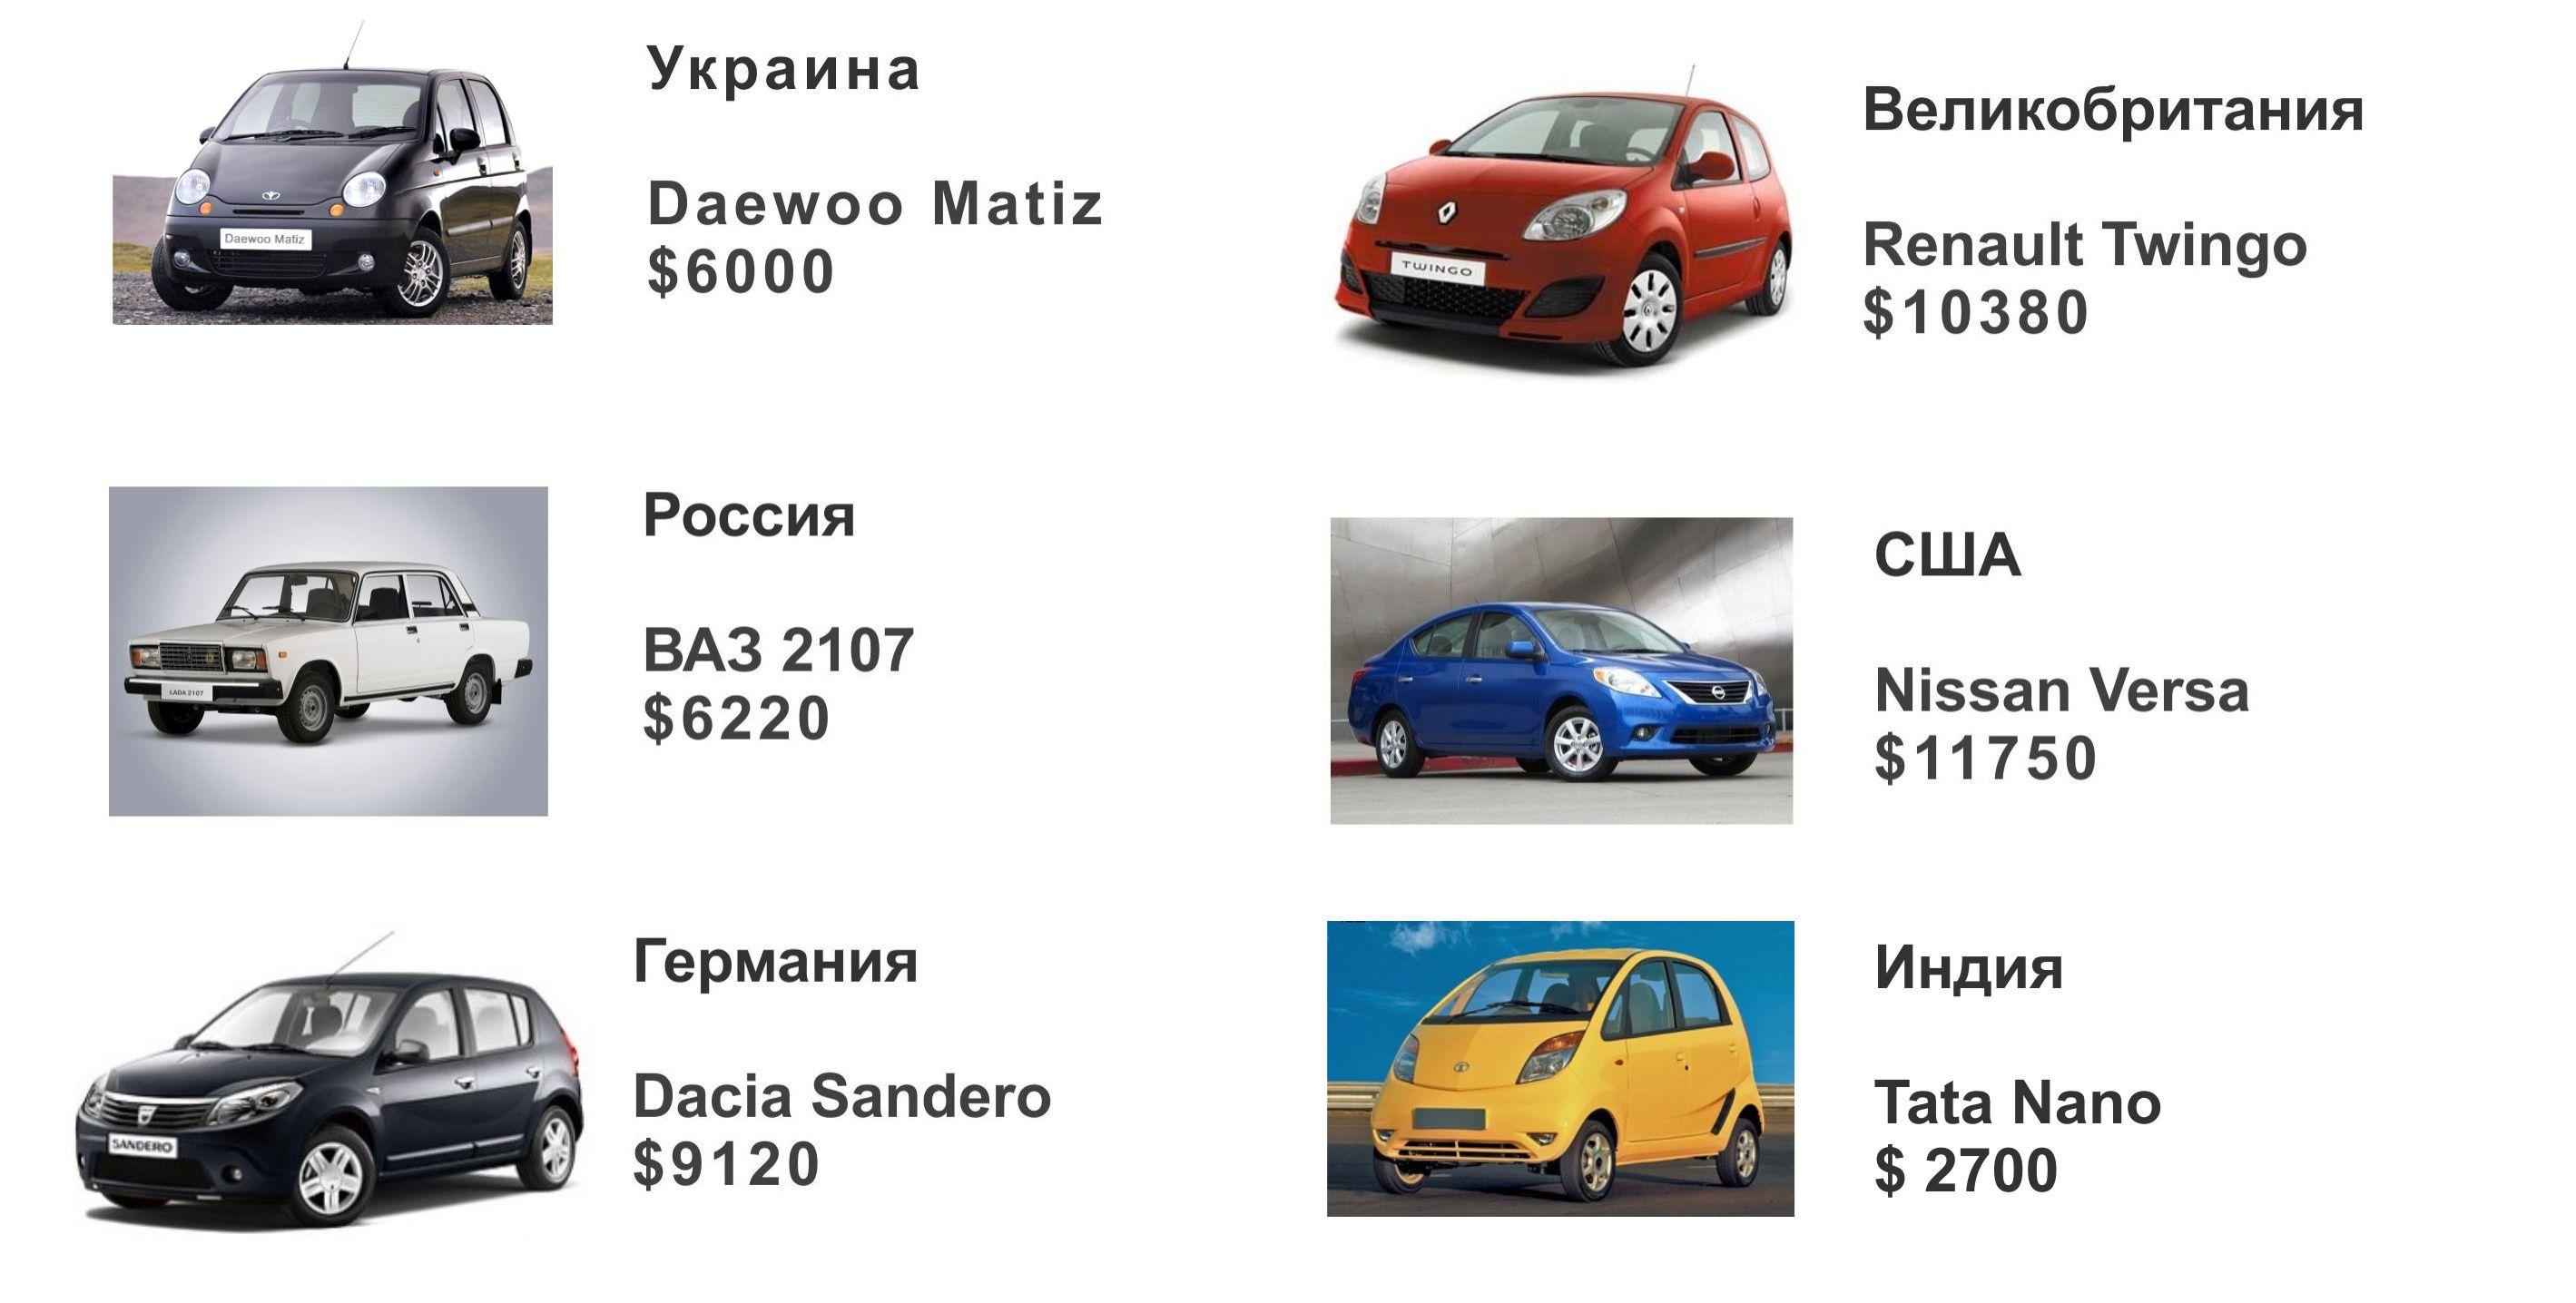 Самые доступные автомобили в Украине и других странах